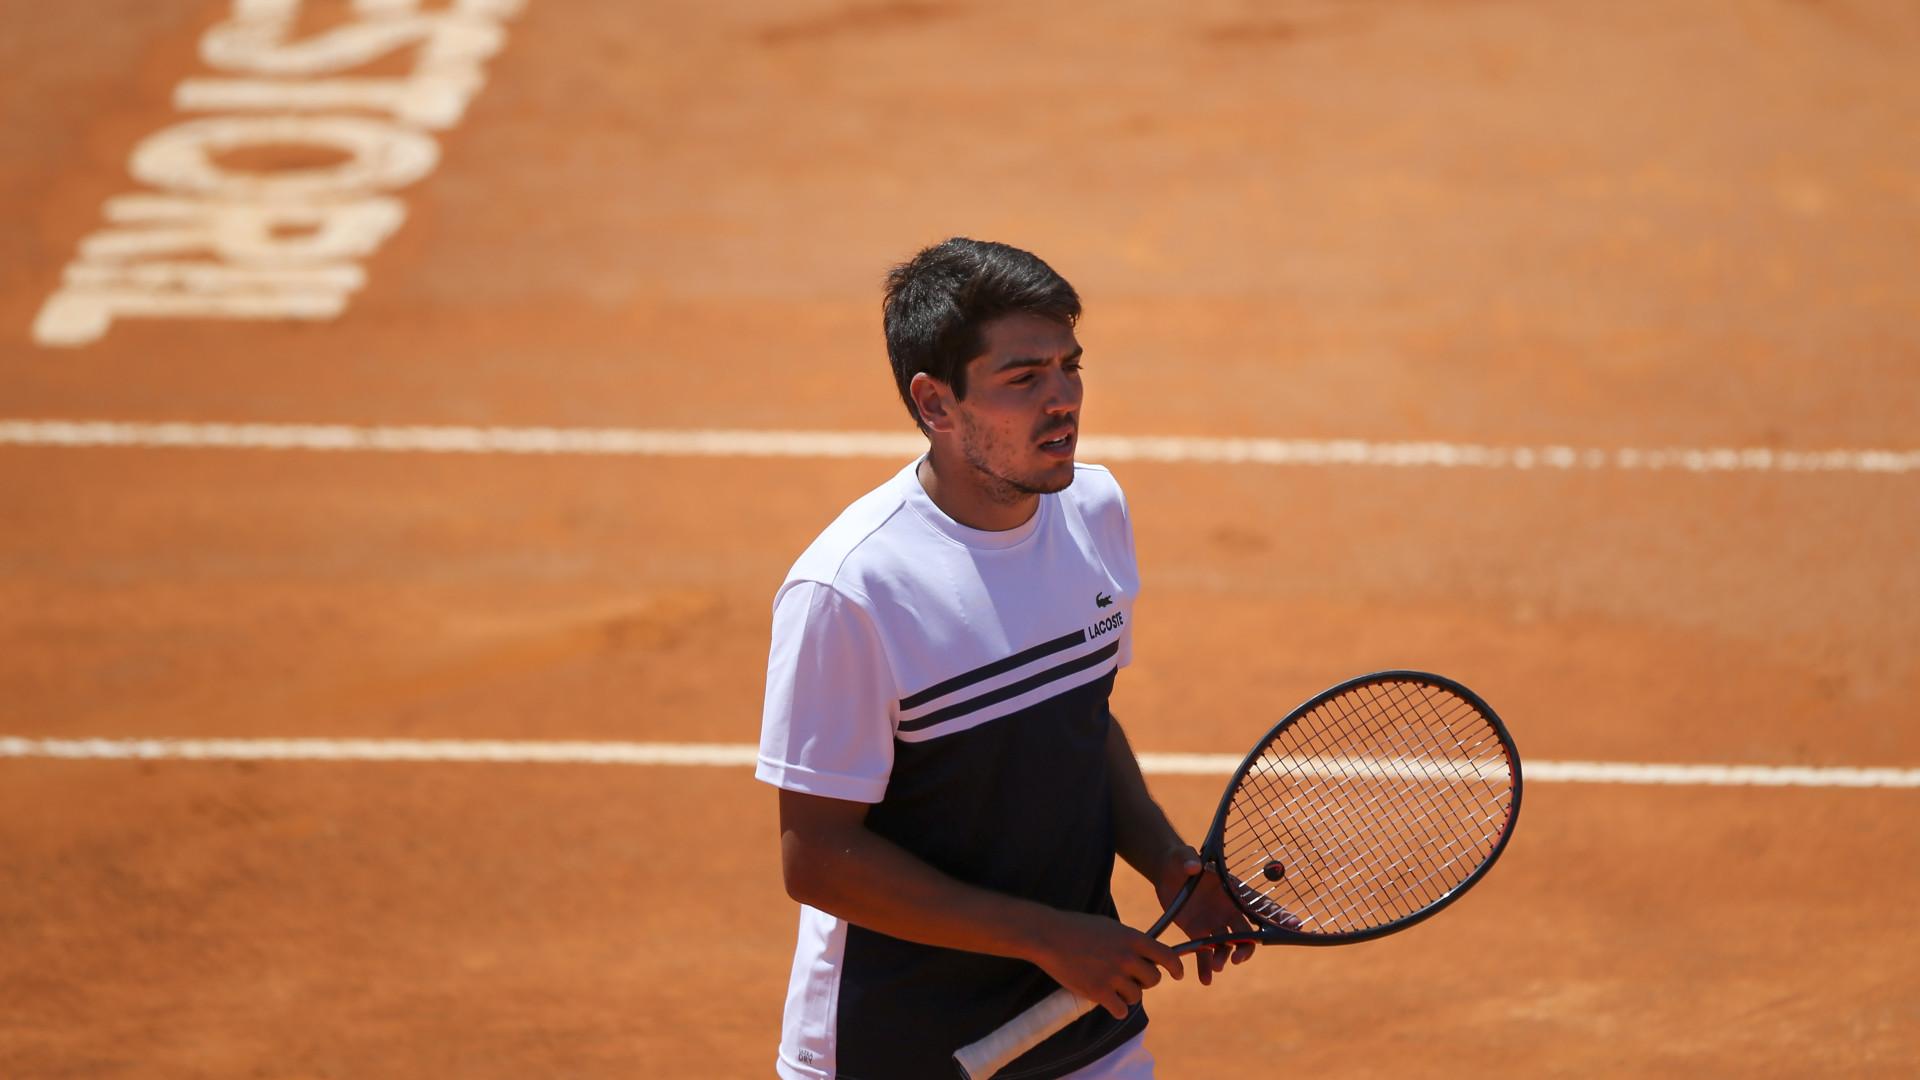 João Domingues eliminado na segunda ronda do 'challenger' de Lyon